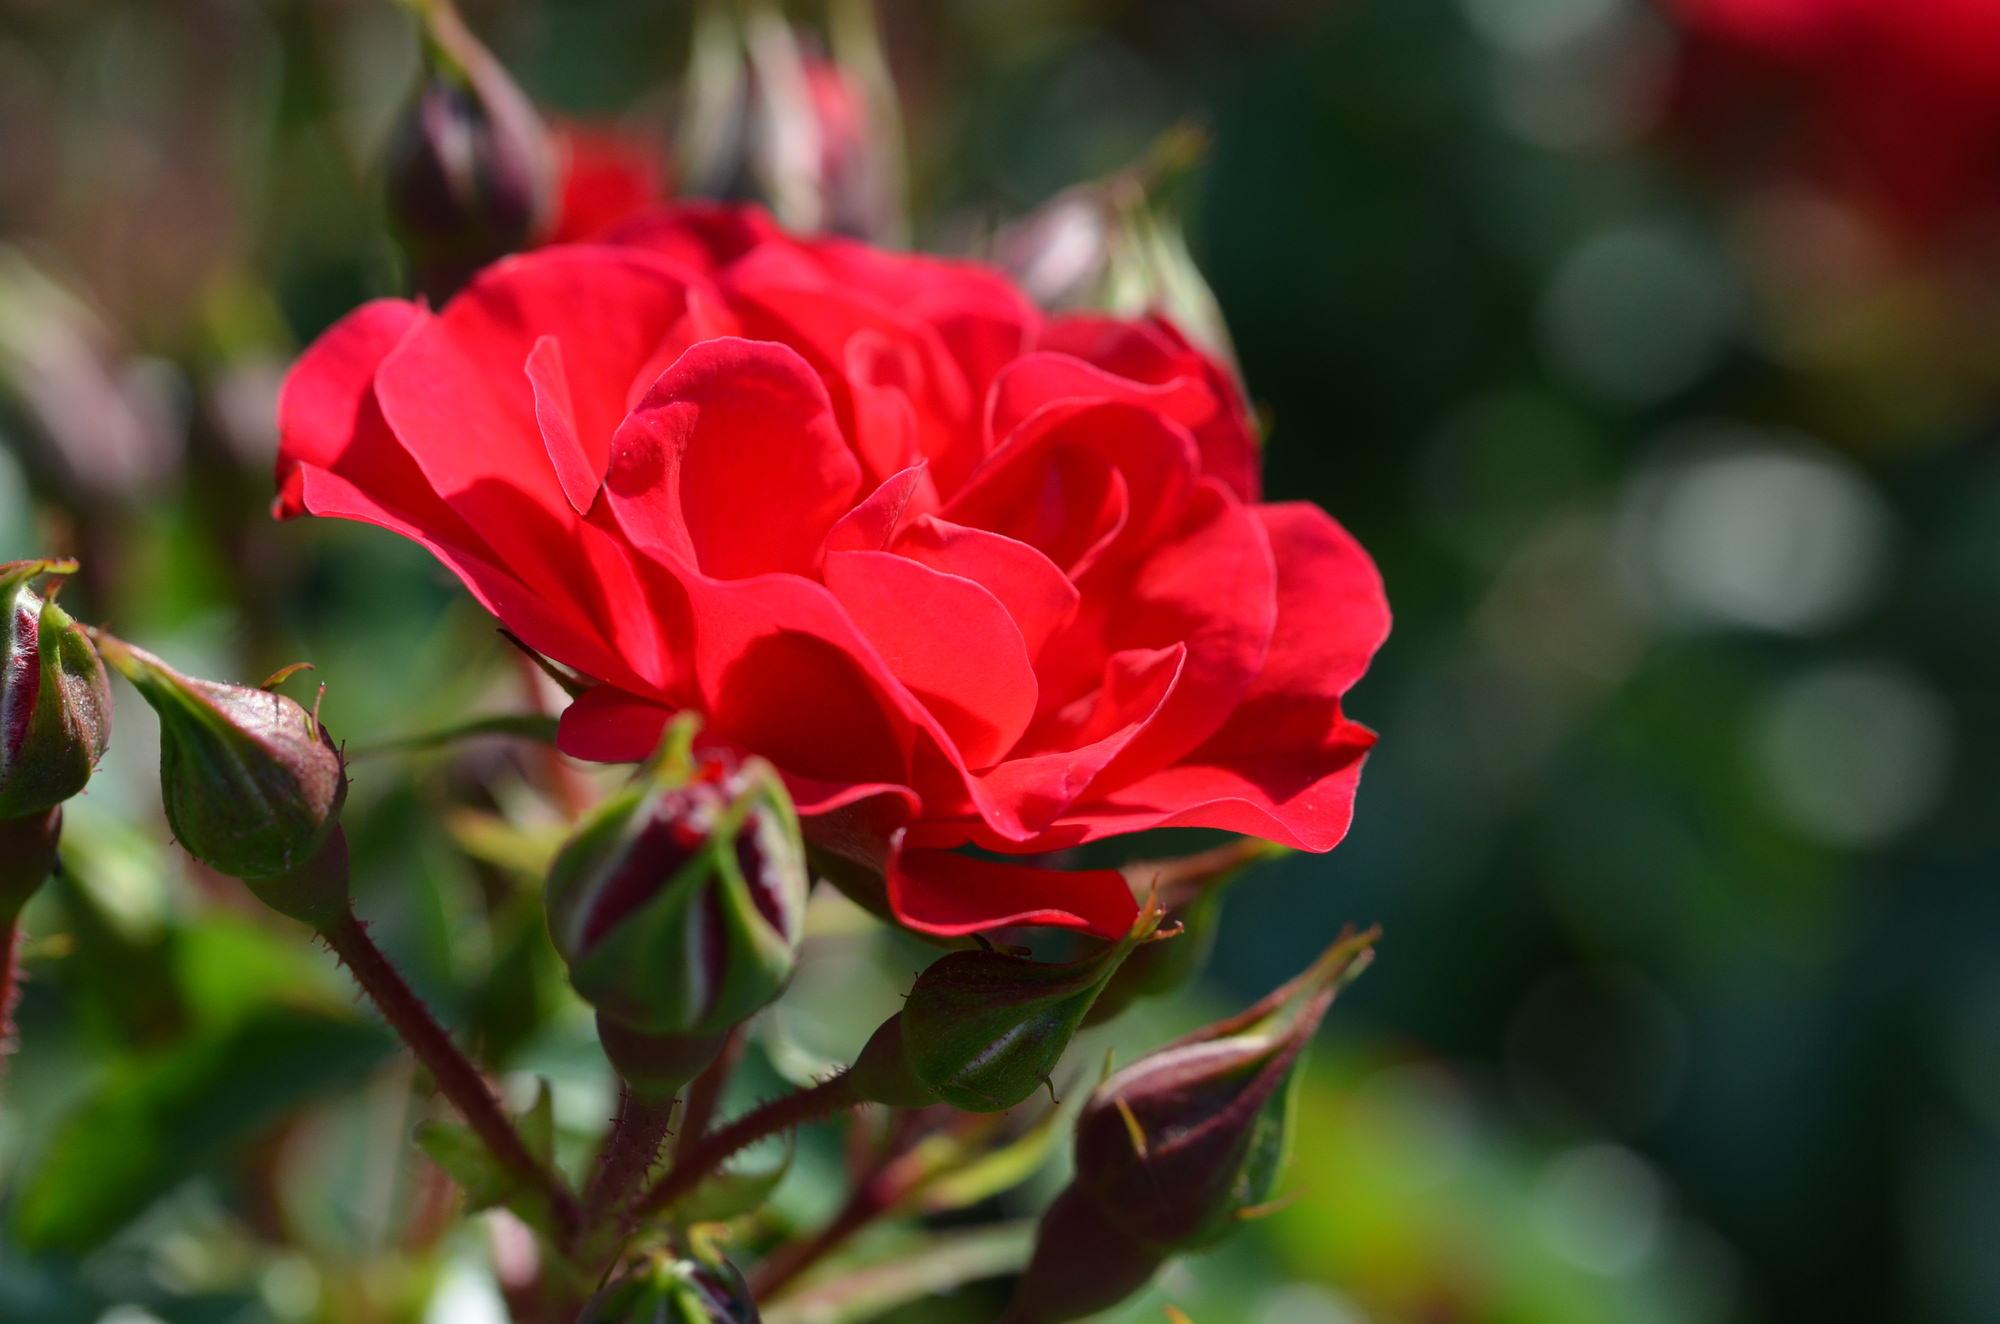 赤バラは、情熱的な赤色で愛を象徴する花